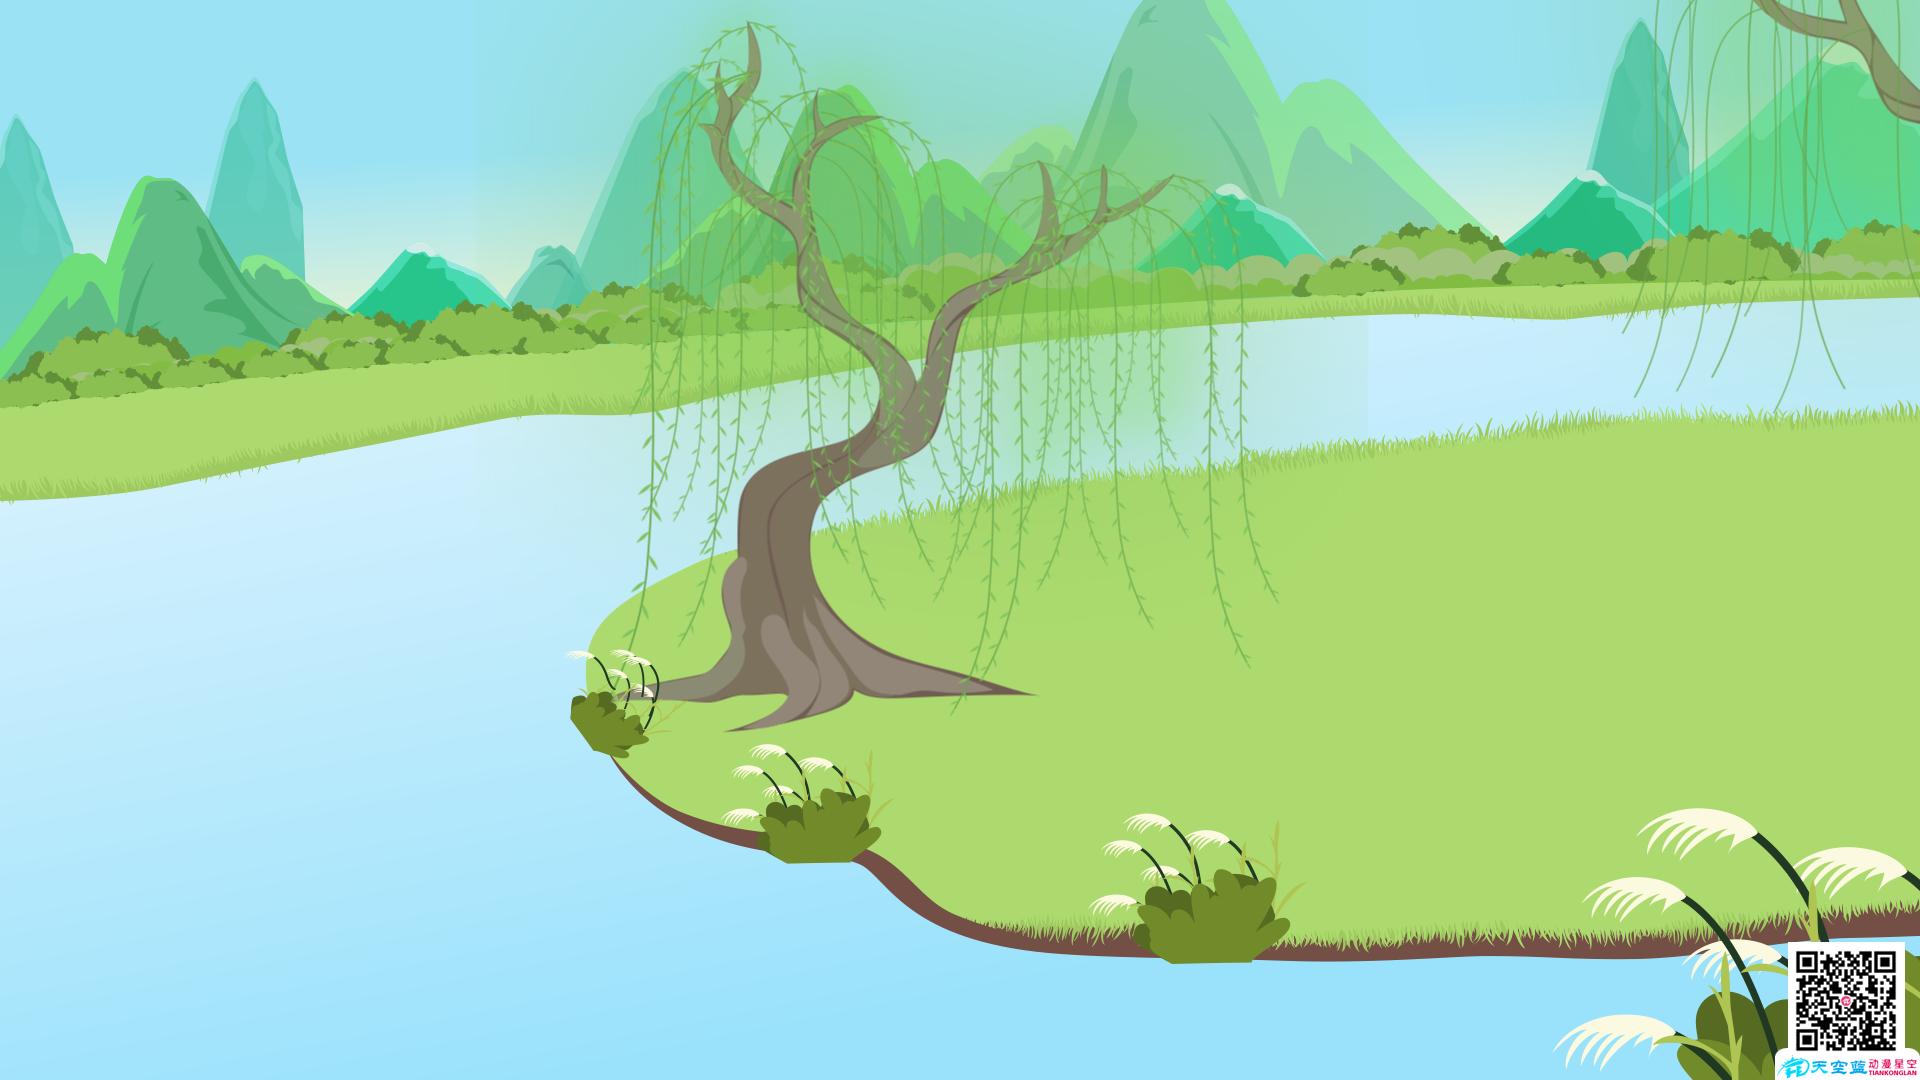 动画教学视频制作《村居》小学二年级动画学习片 教学动画制作 第5张